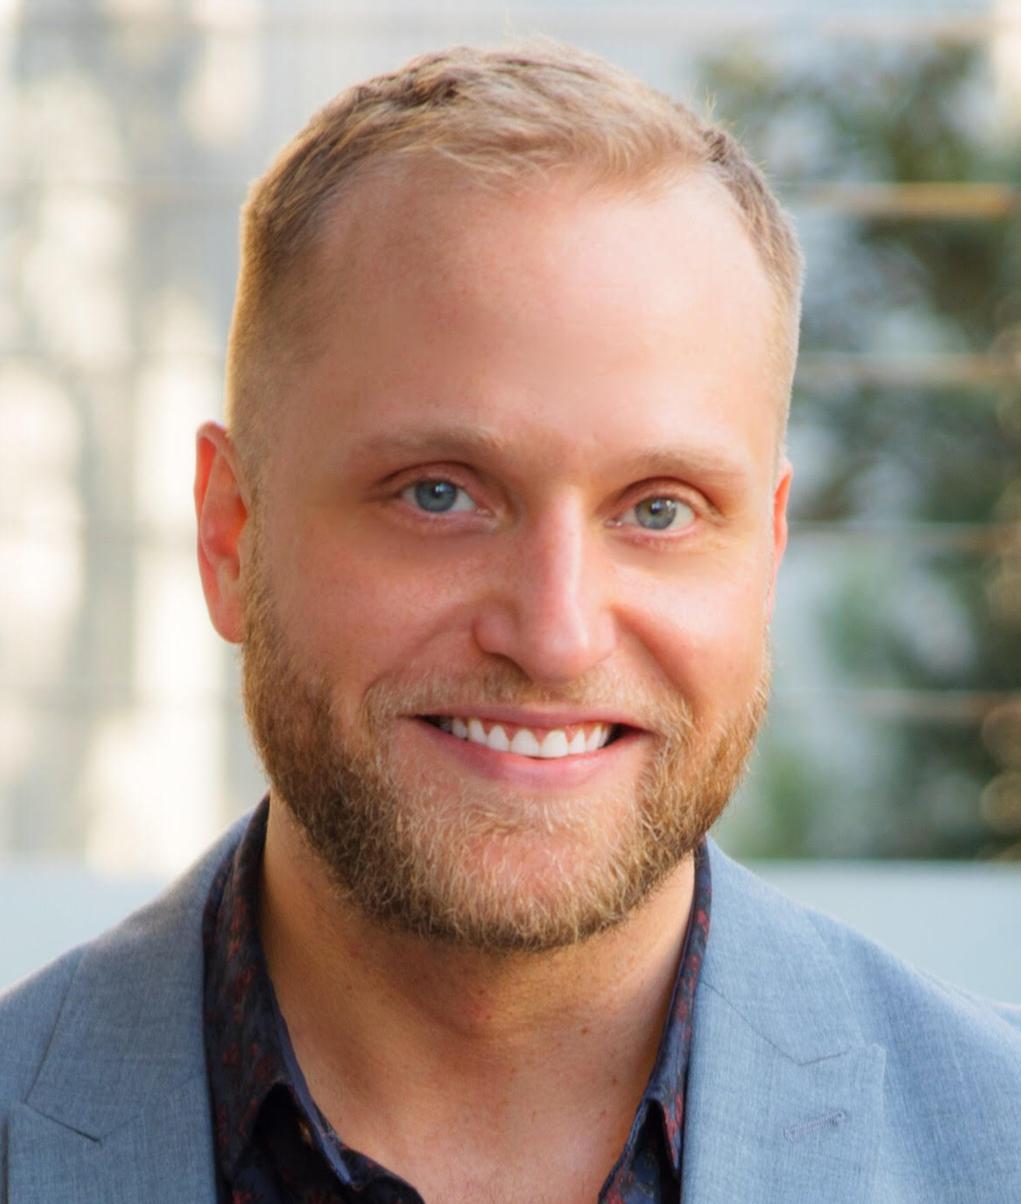 Ryan Billings